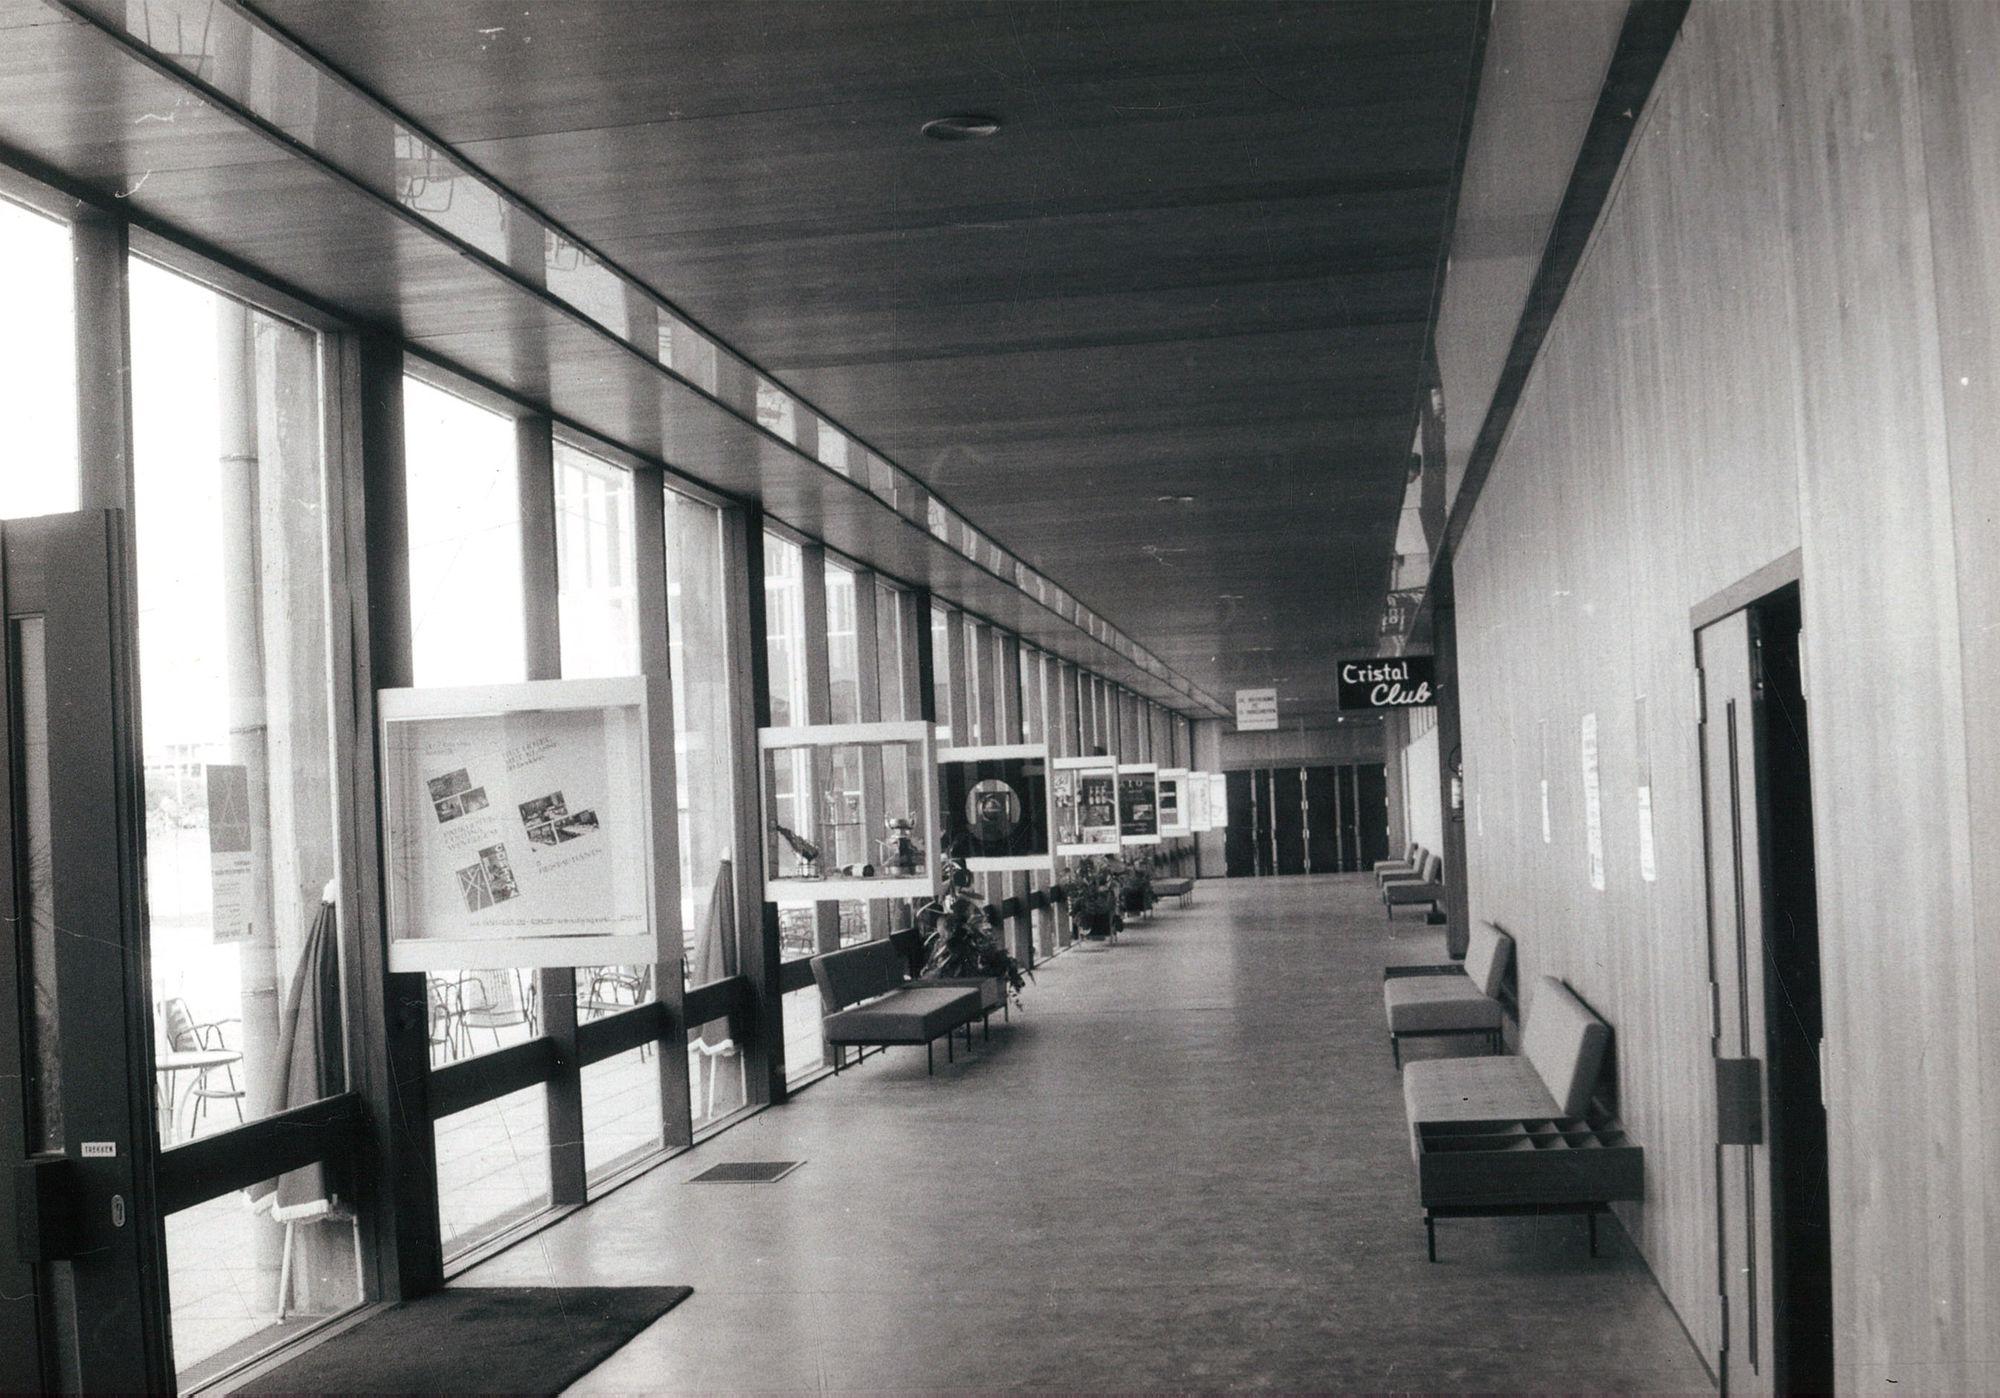 Kortrijkse hallen